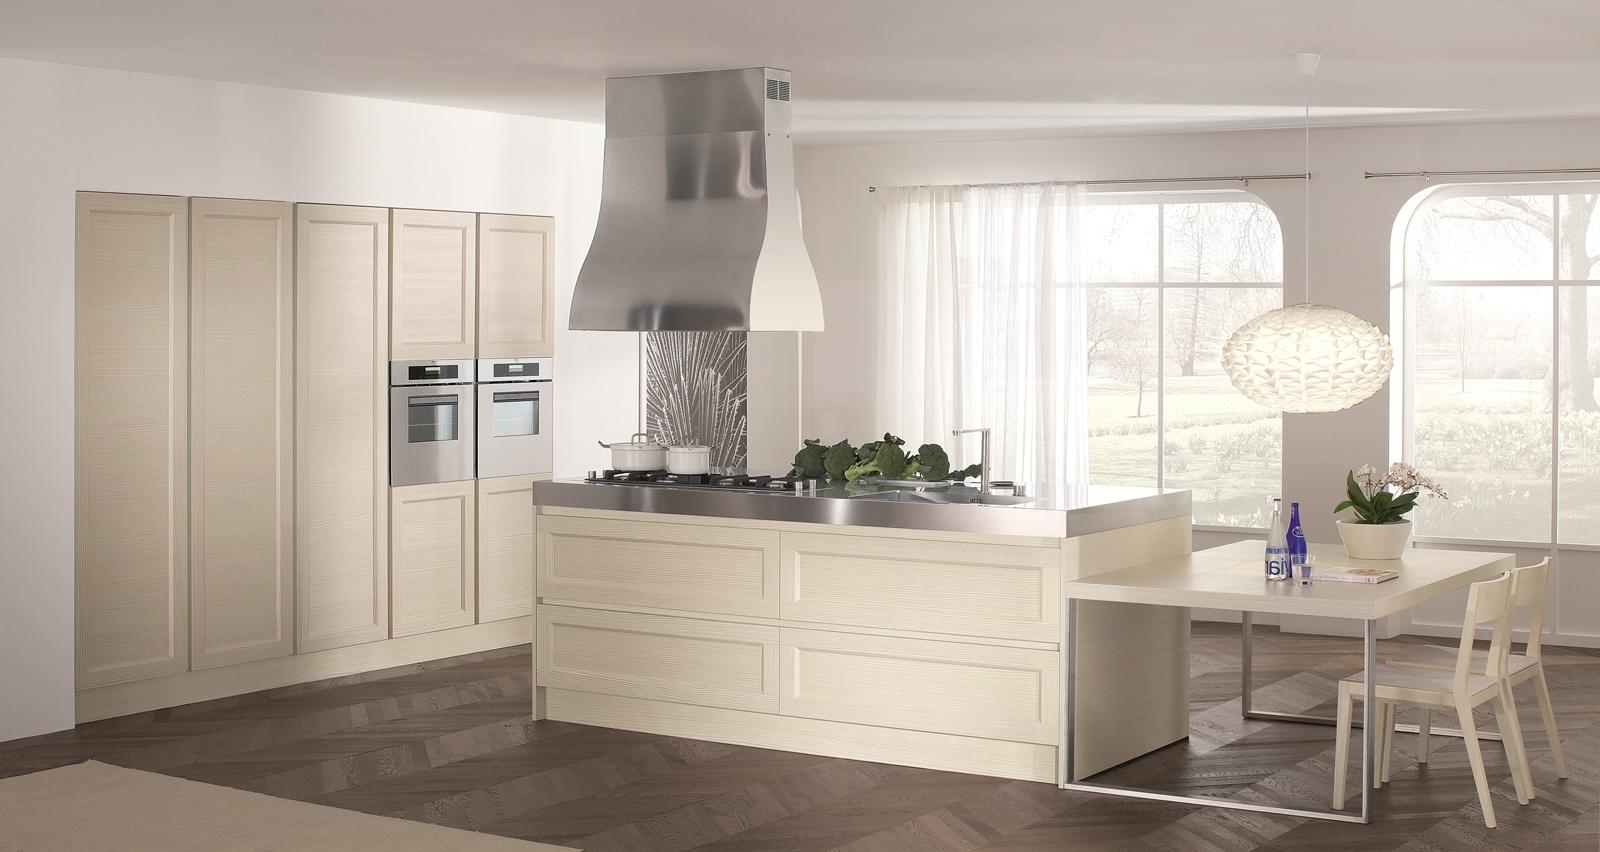 Tutto su isole e penisole dalla scelta alla progettazione casa di stile - Isole da cucina ...